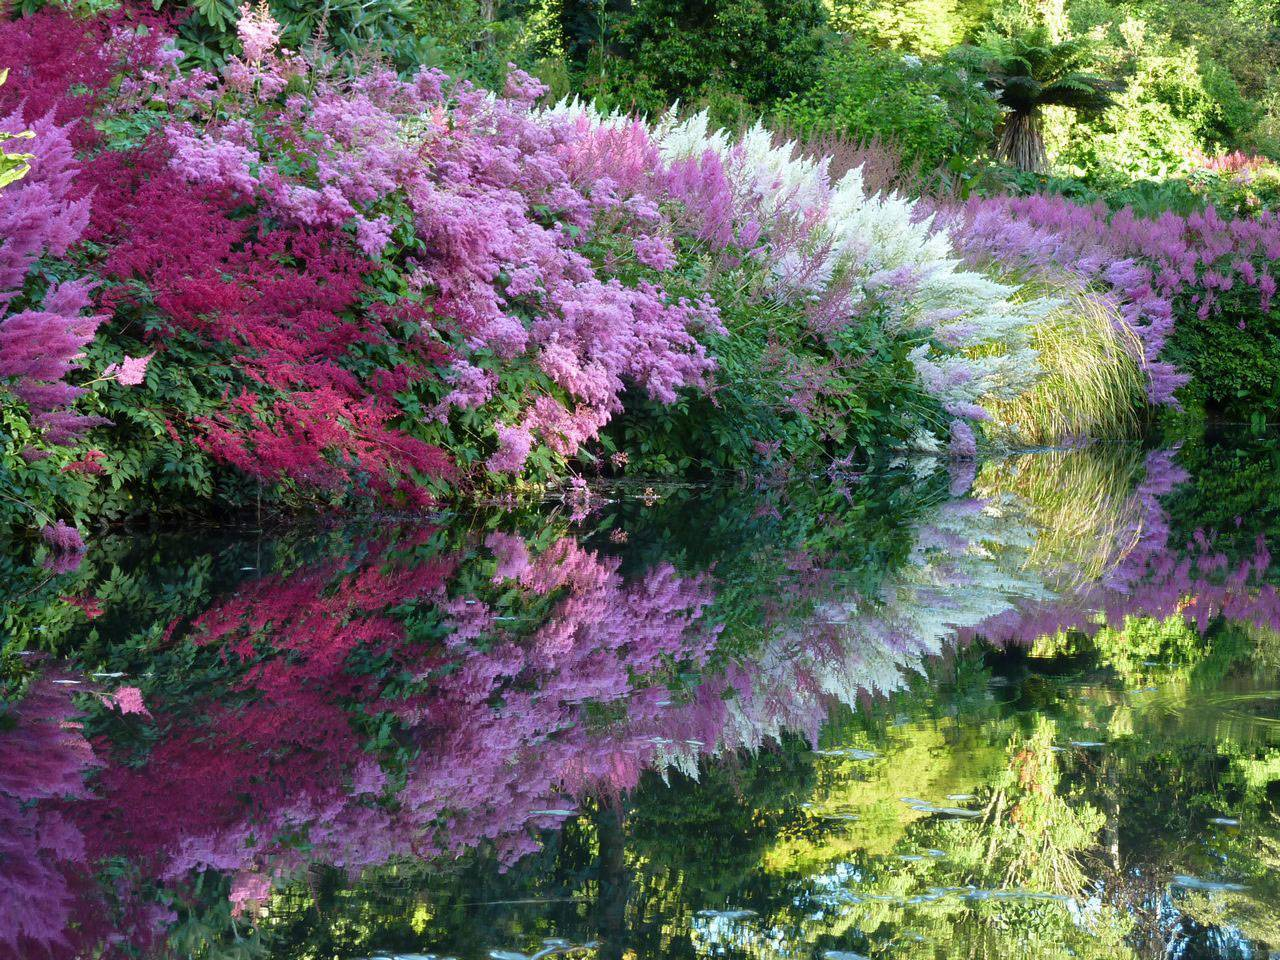 Многолетний цветок астильба: фото и описание растения, как ухаживать и размножать астильбу